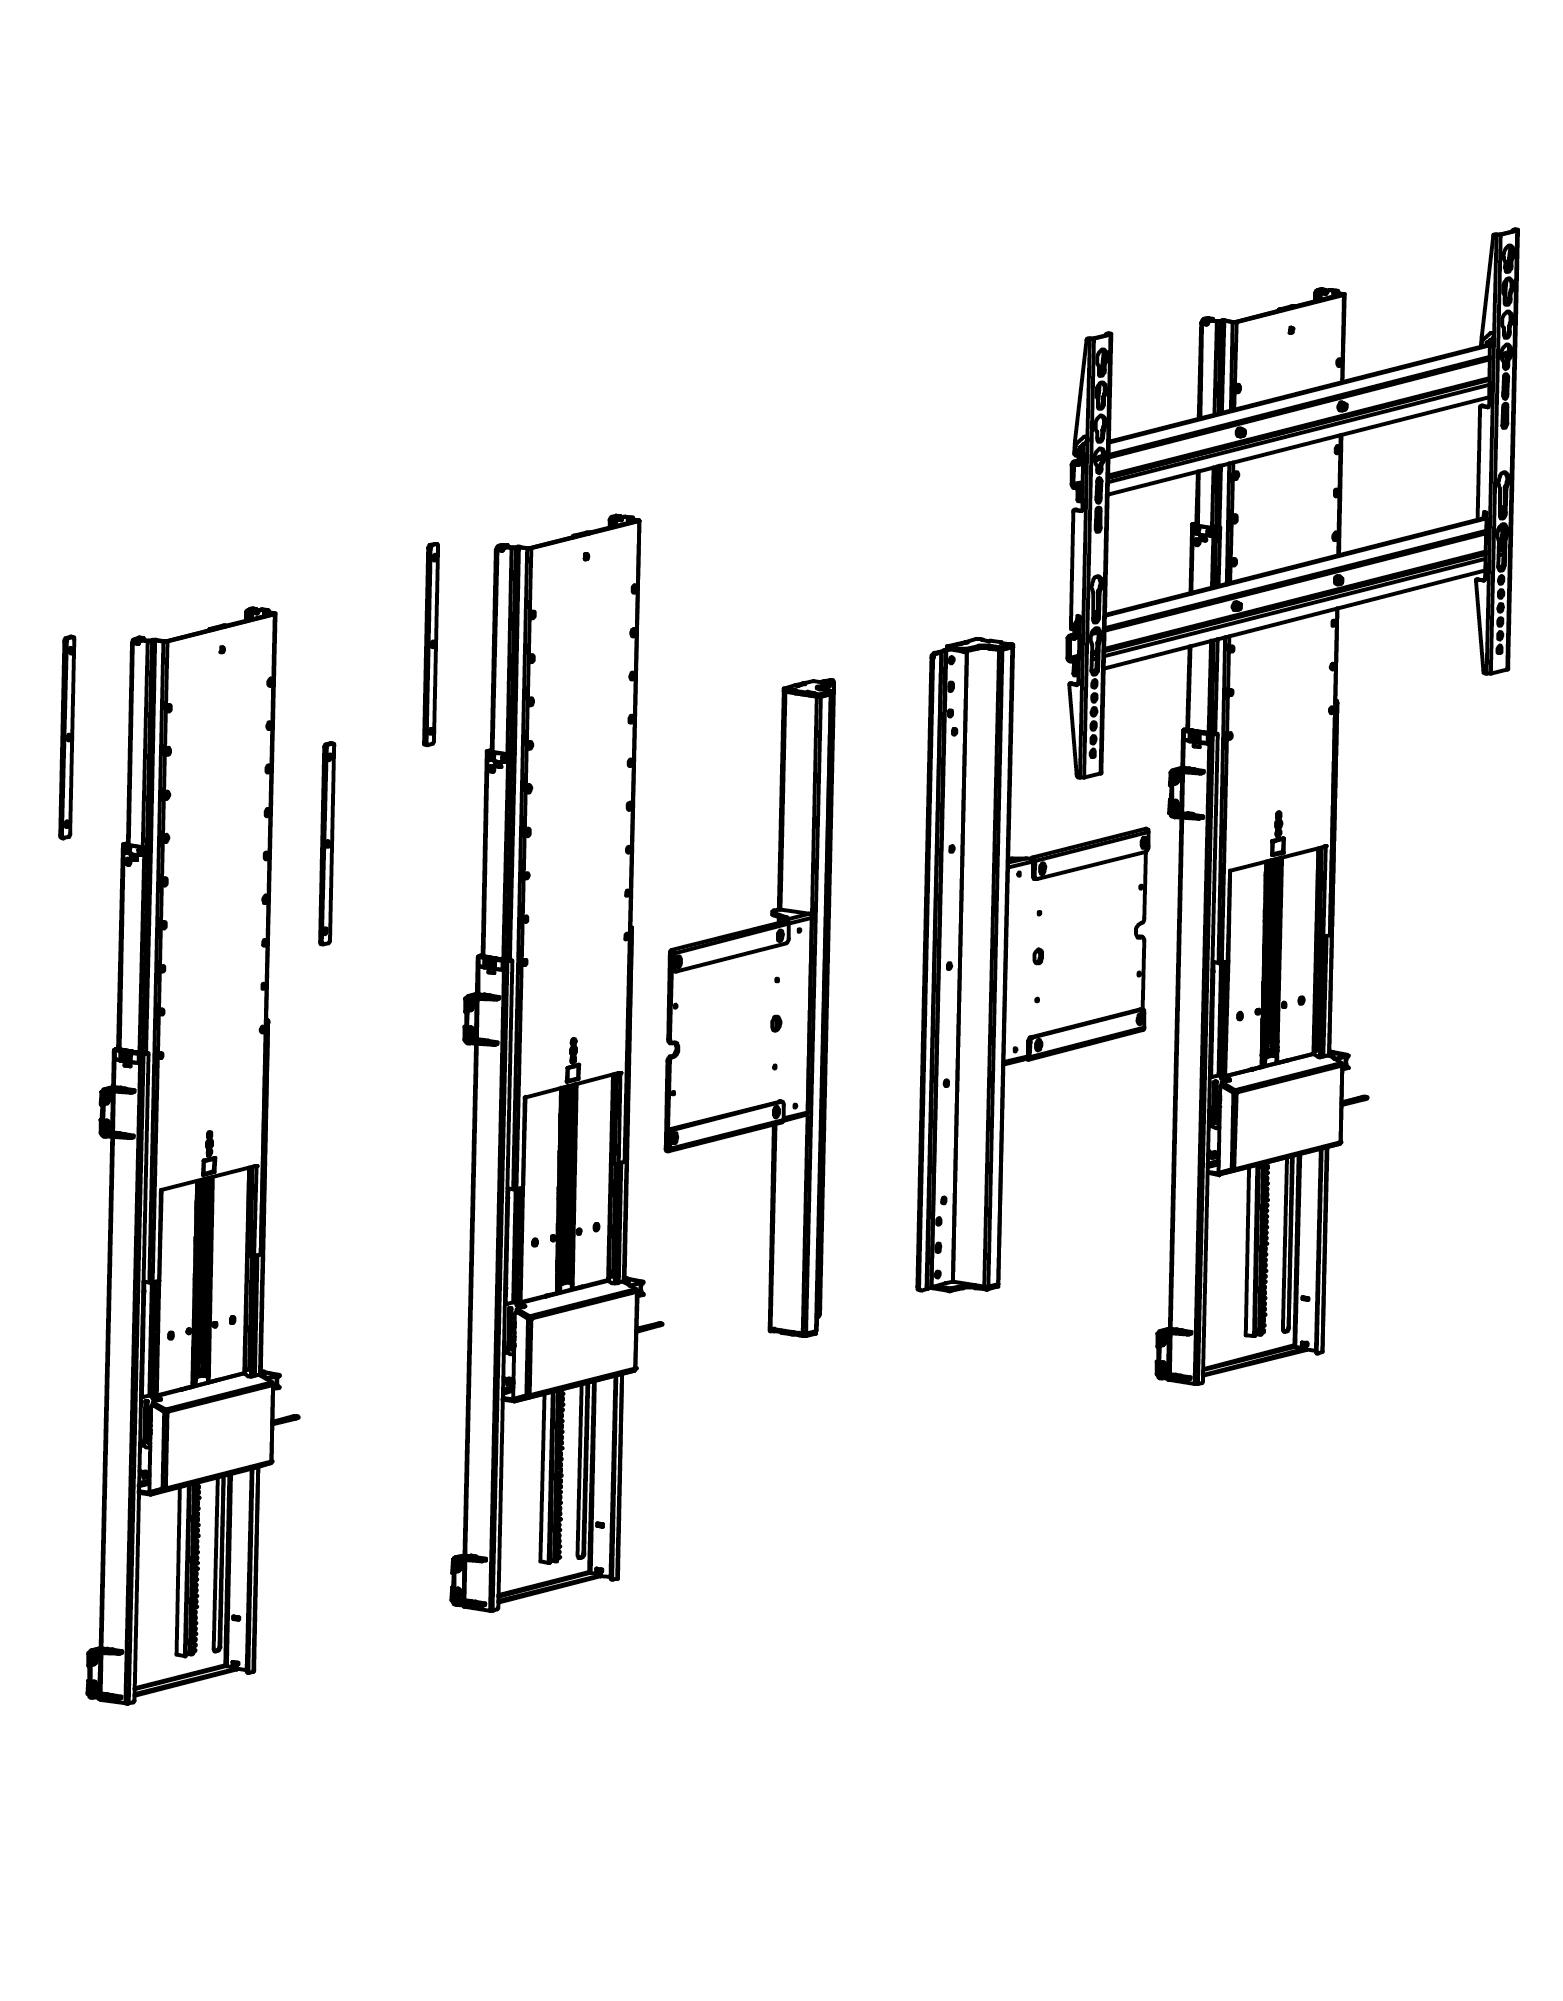 Купить Моторизированный мебельный TV -лифт VENSET TL- 2000C Дания, vamnado украина, киев